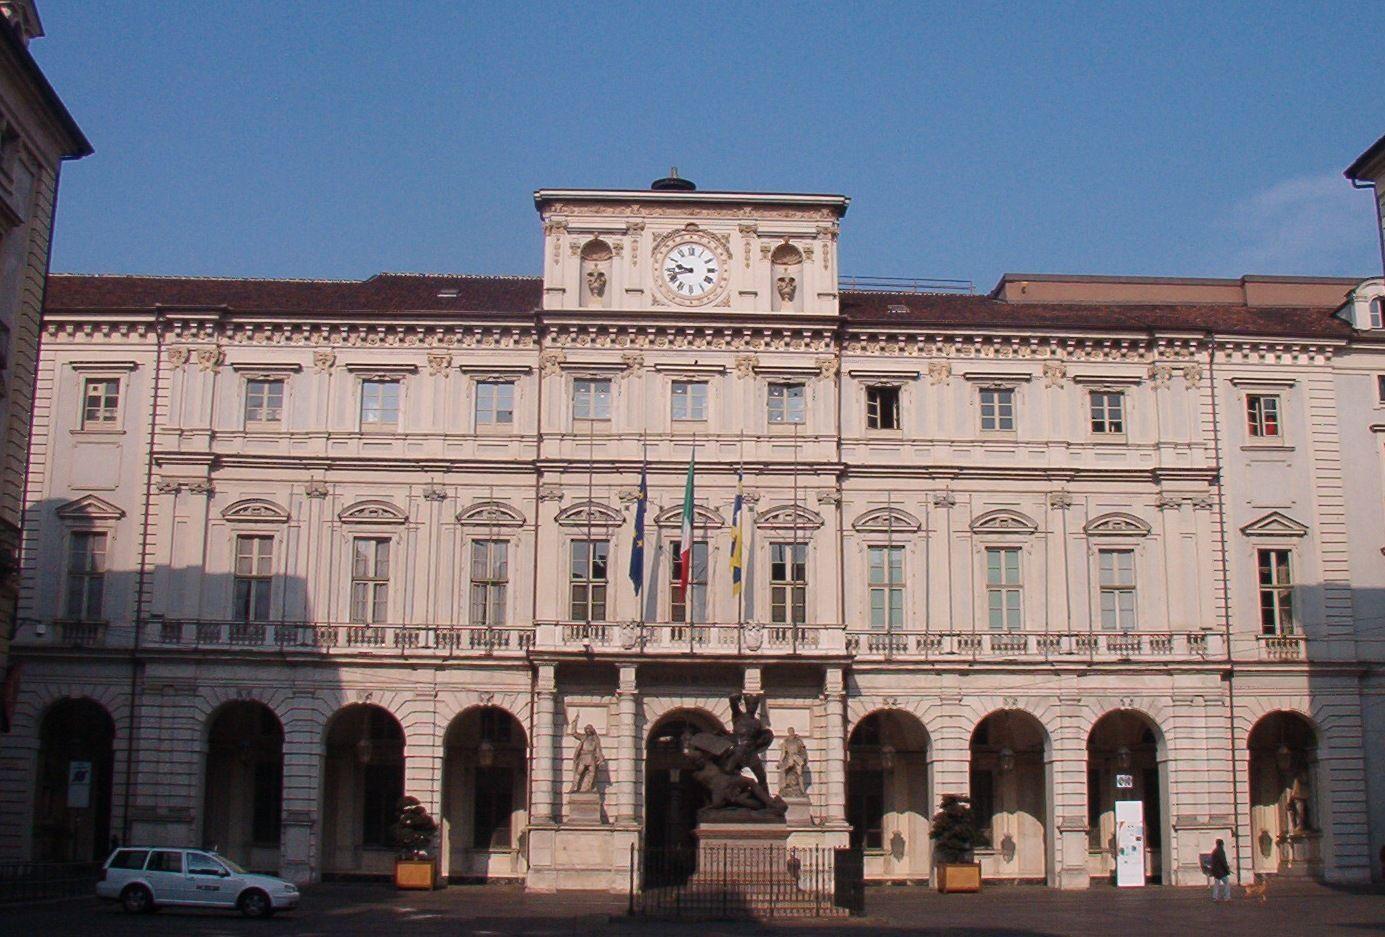 Ballottaggio Torino 2016: Chiara Appendino è il nuovo sindaco di Torino